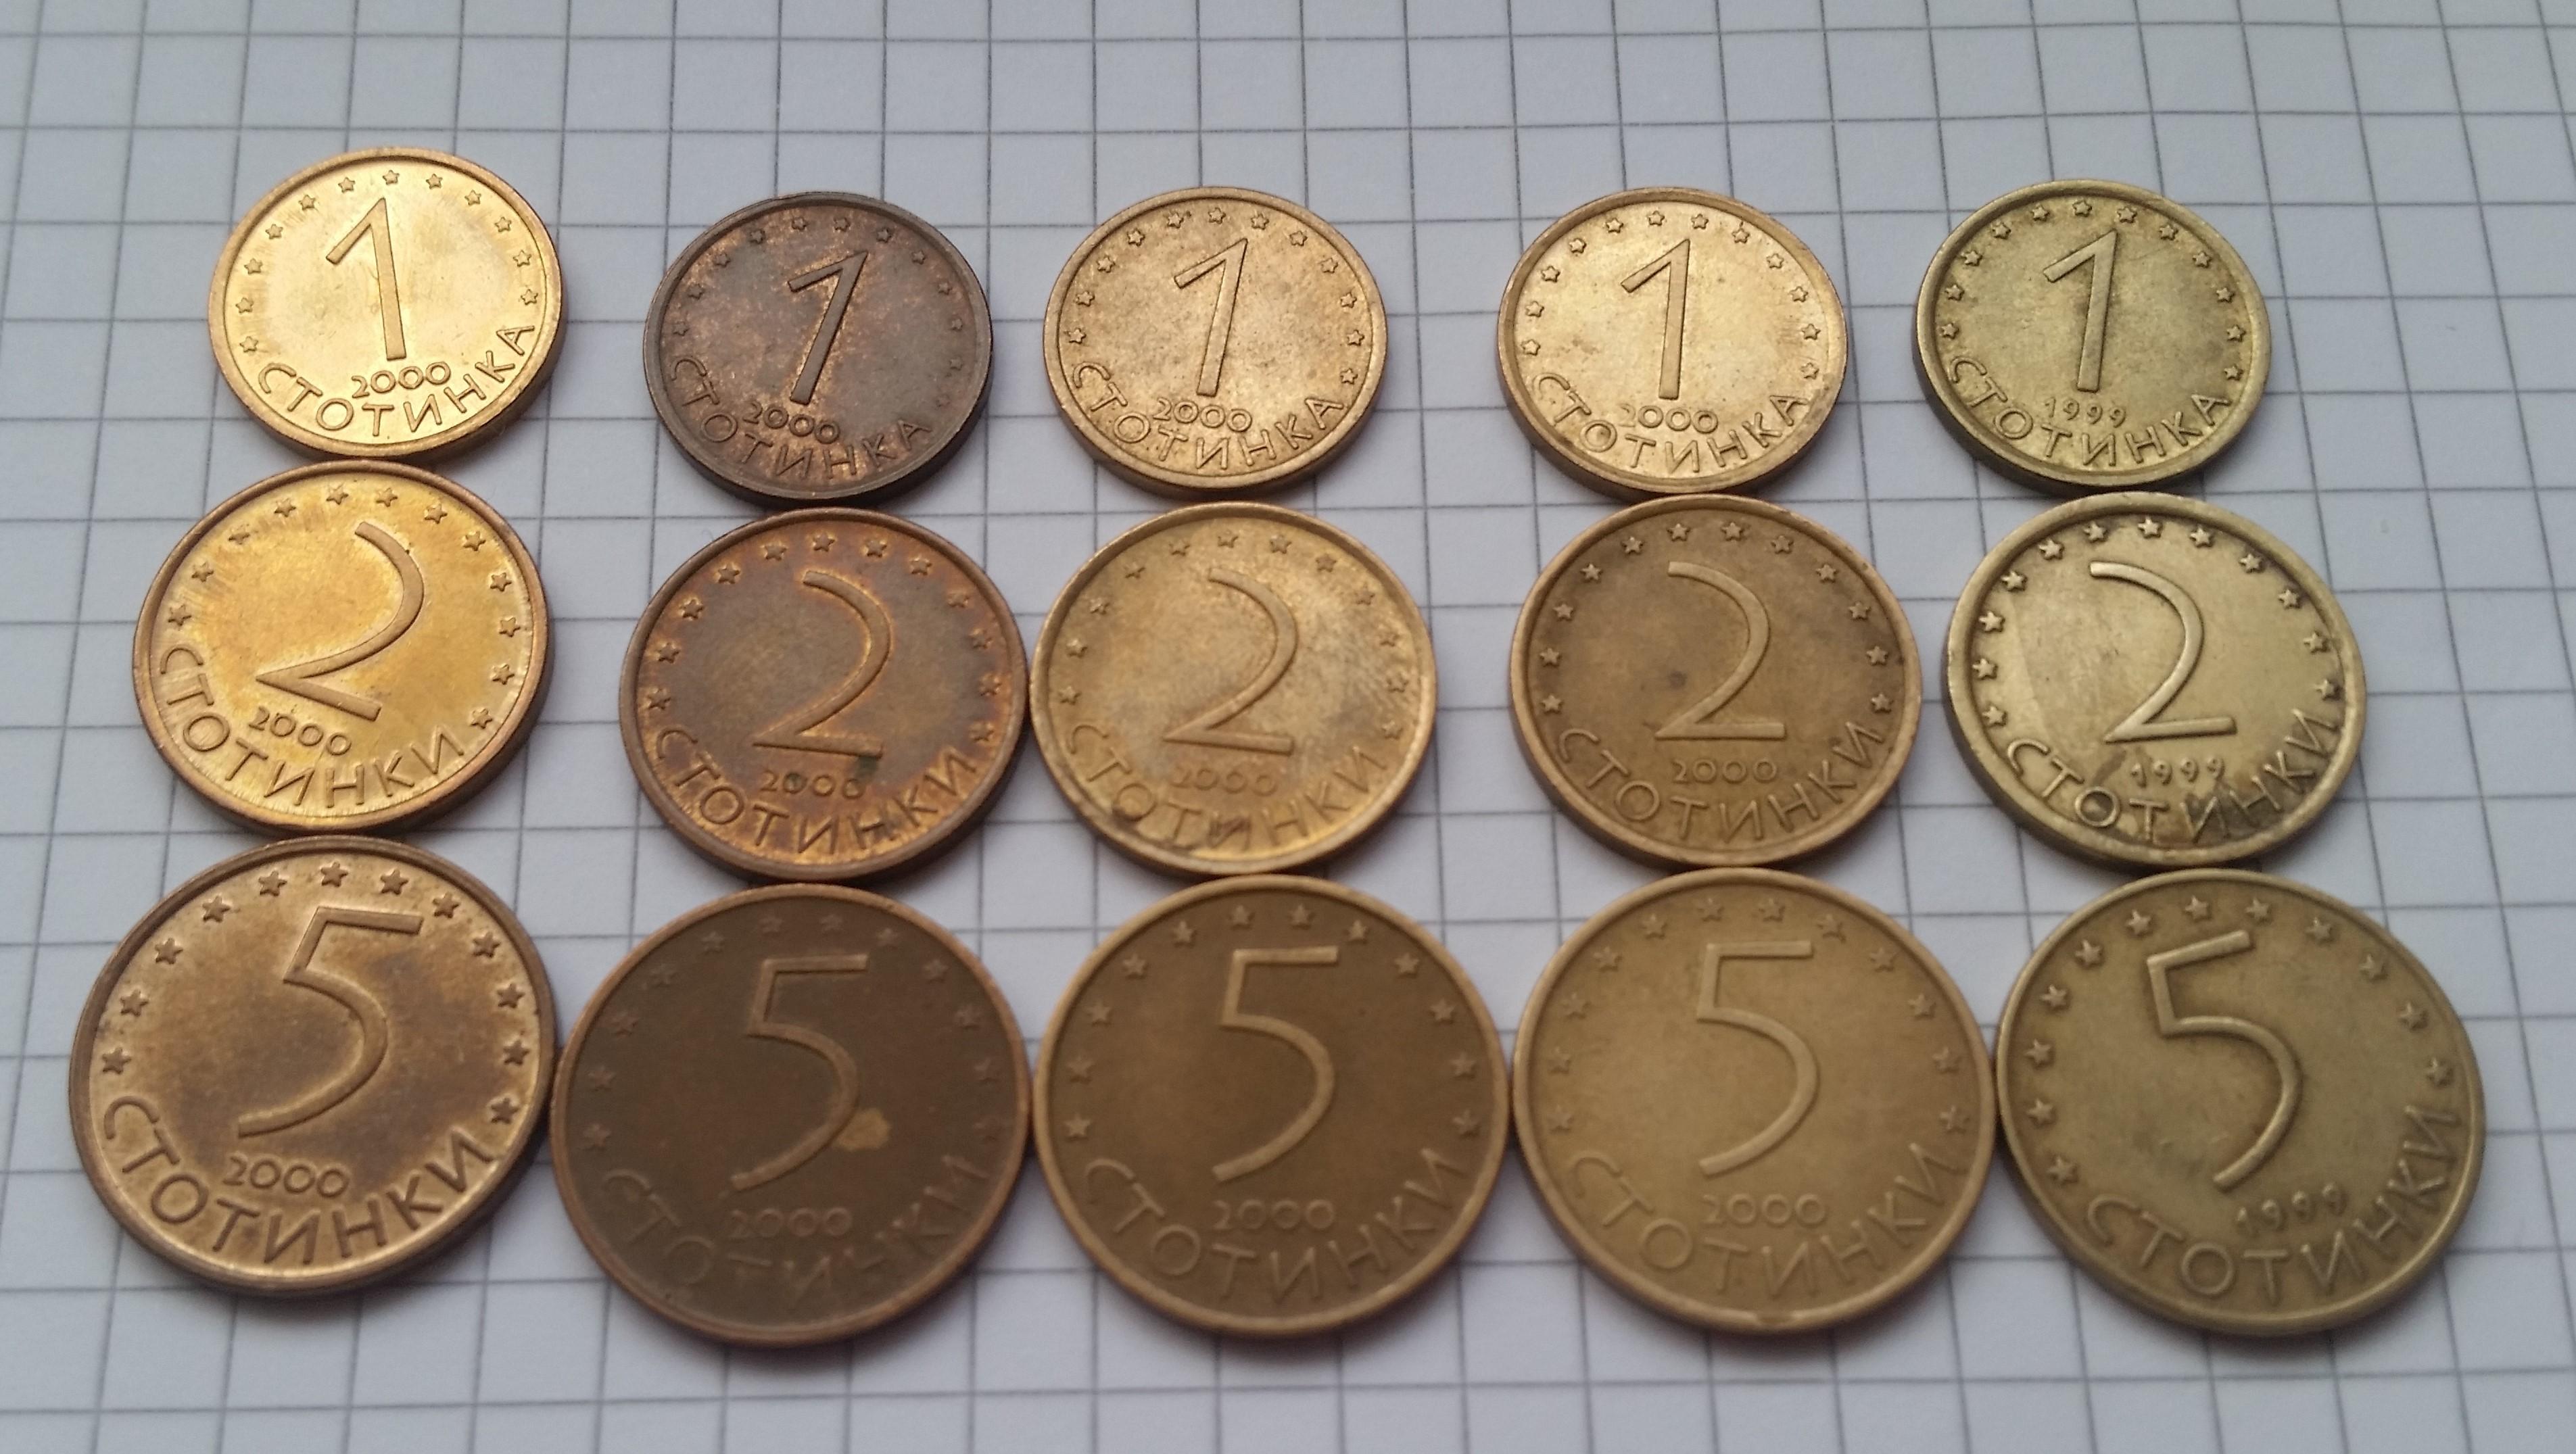 Umlaufmünzen Bulgarien.jpg